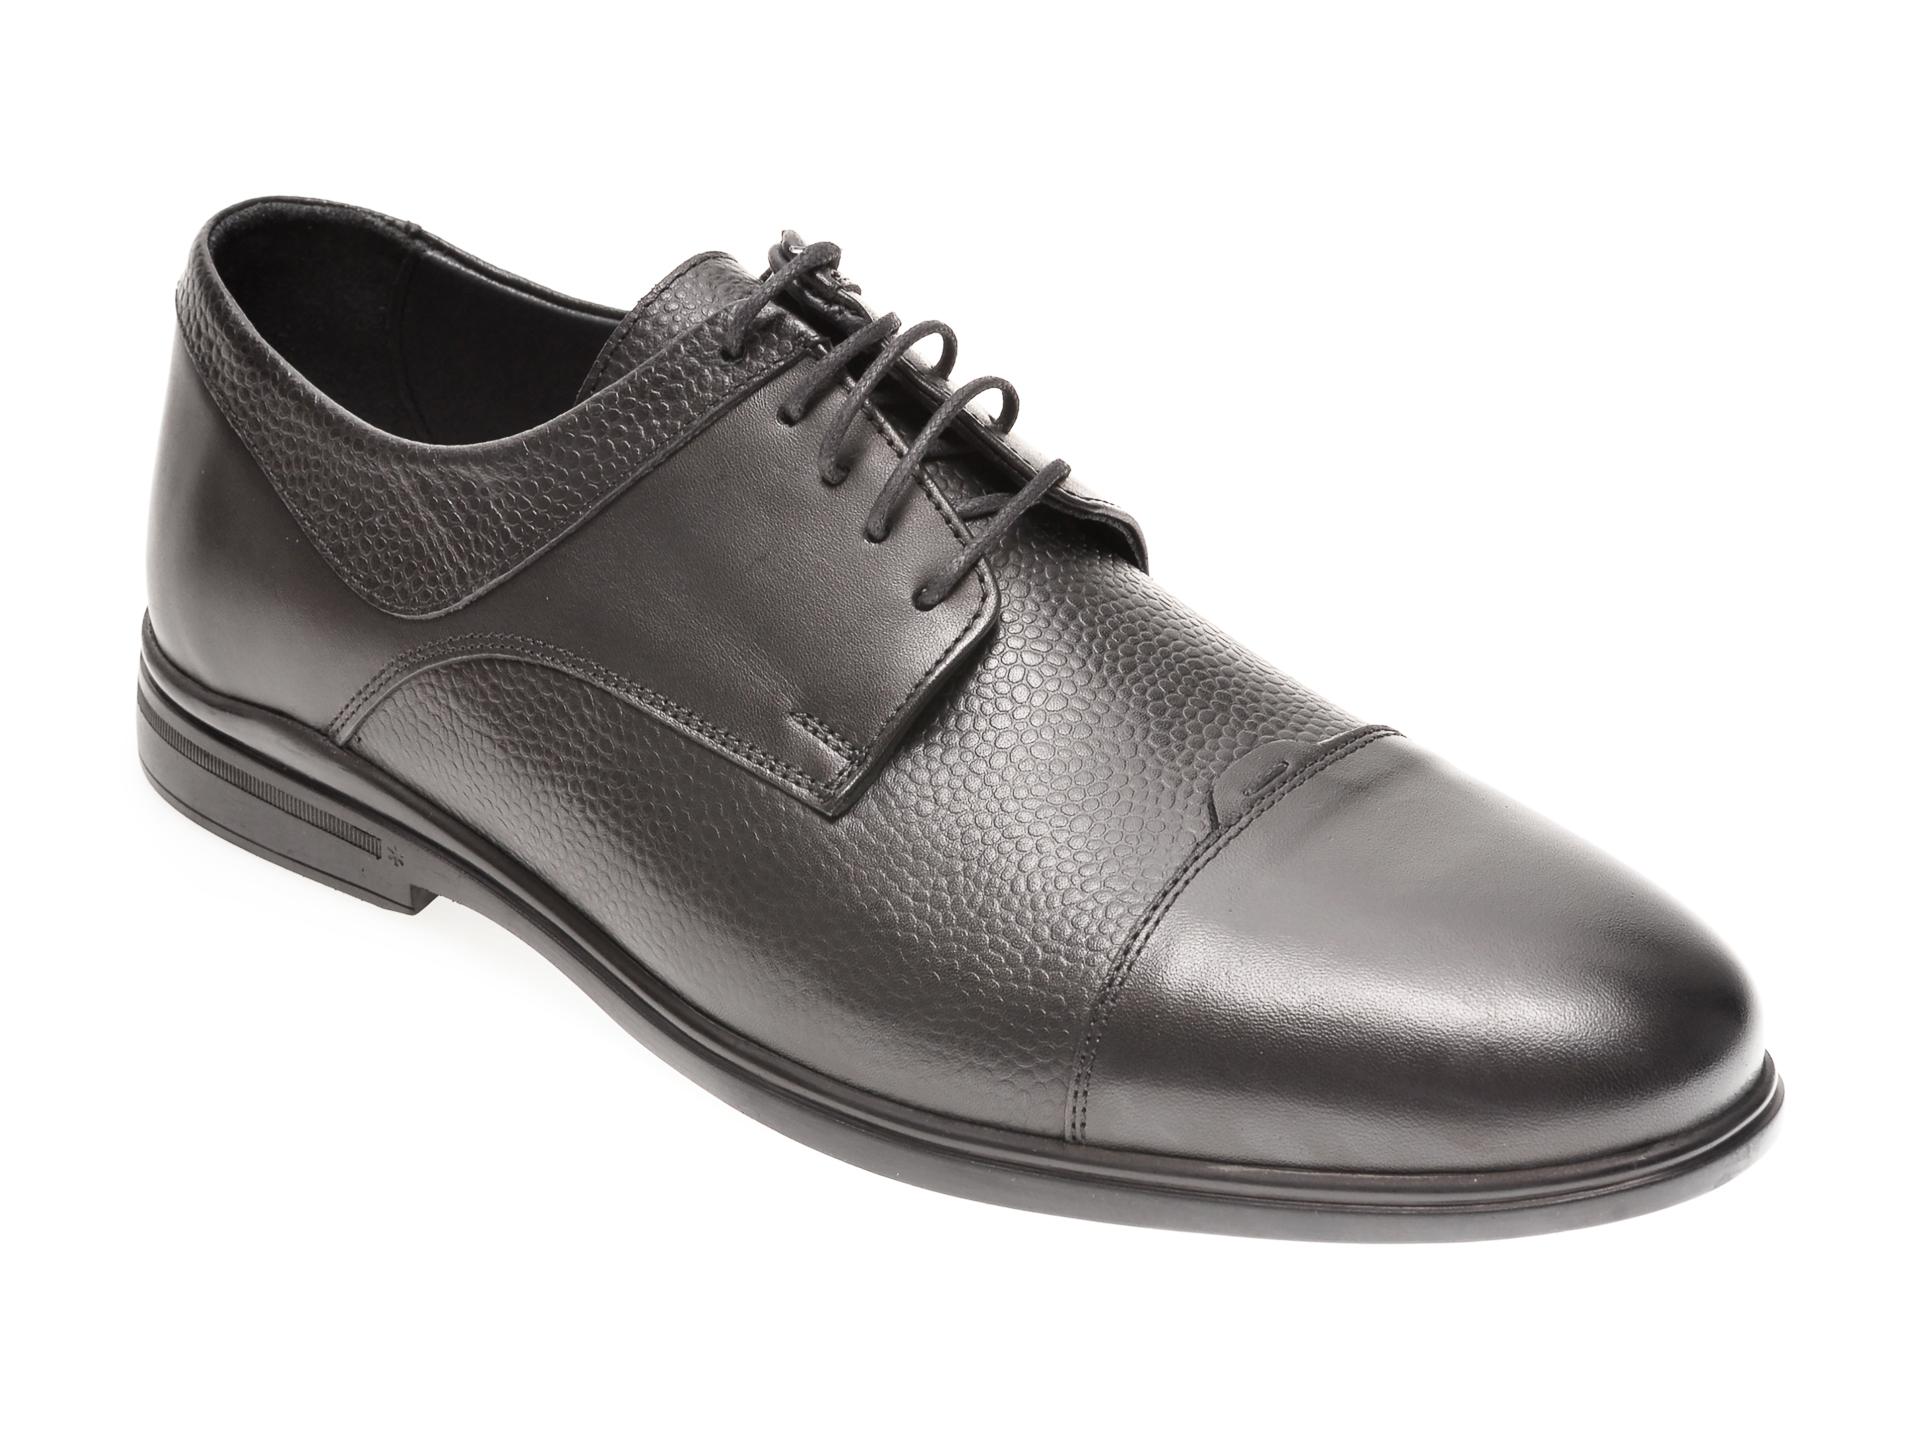 Pantofi OTTER negri, 77704, din piele naturala imagine otter.ro 2021